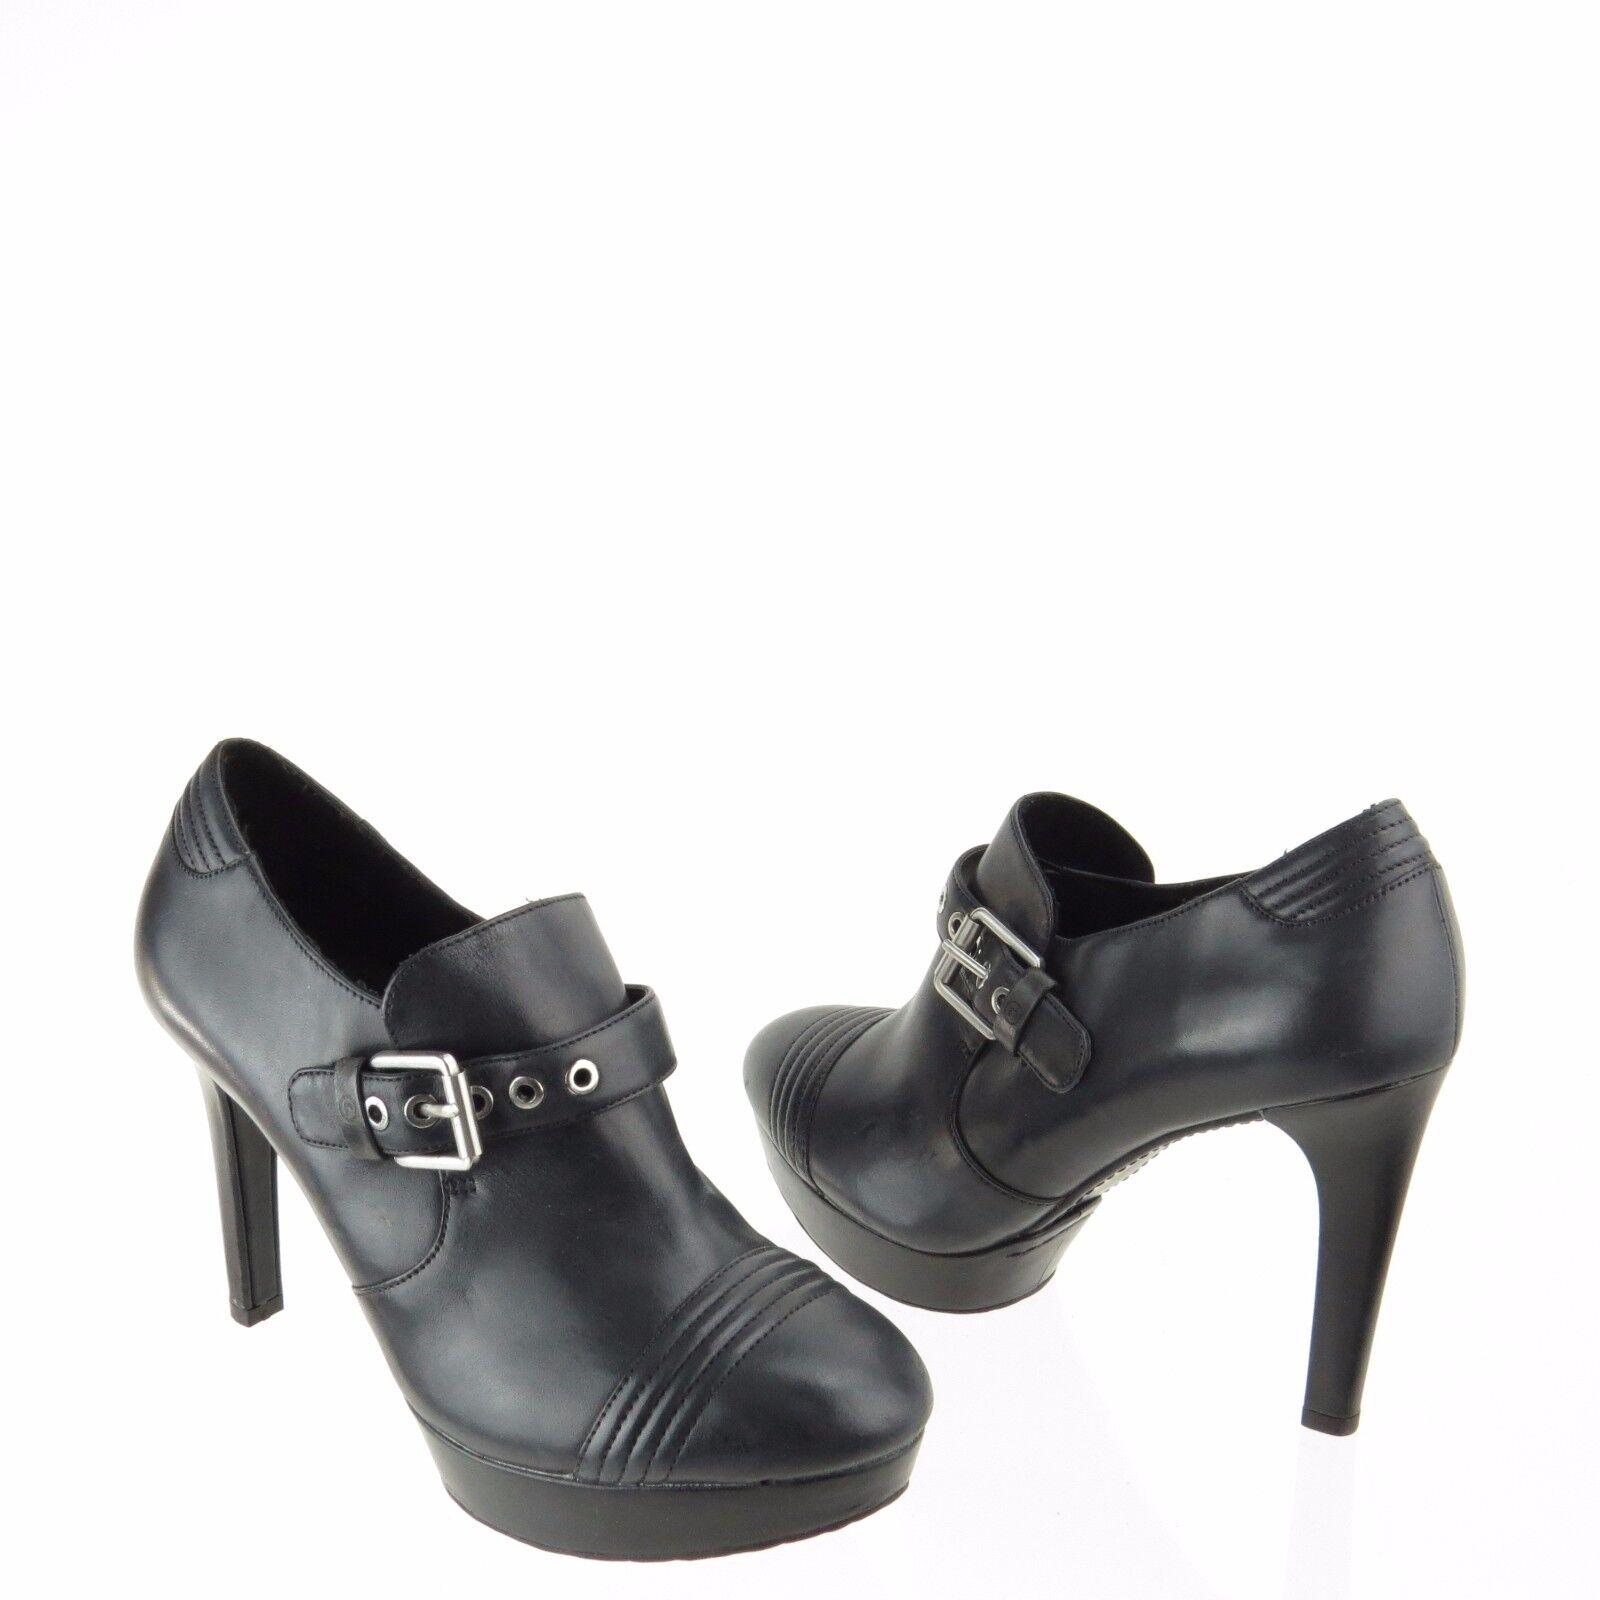 Women's Women's Women's Rockport Janae Monk shoes Black Leather Pumps Size 7.5 M NEW 35a0c7